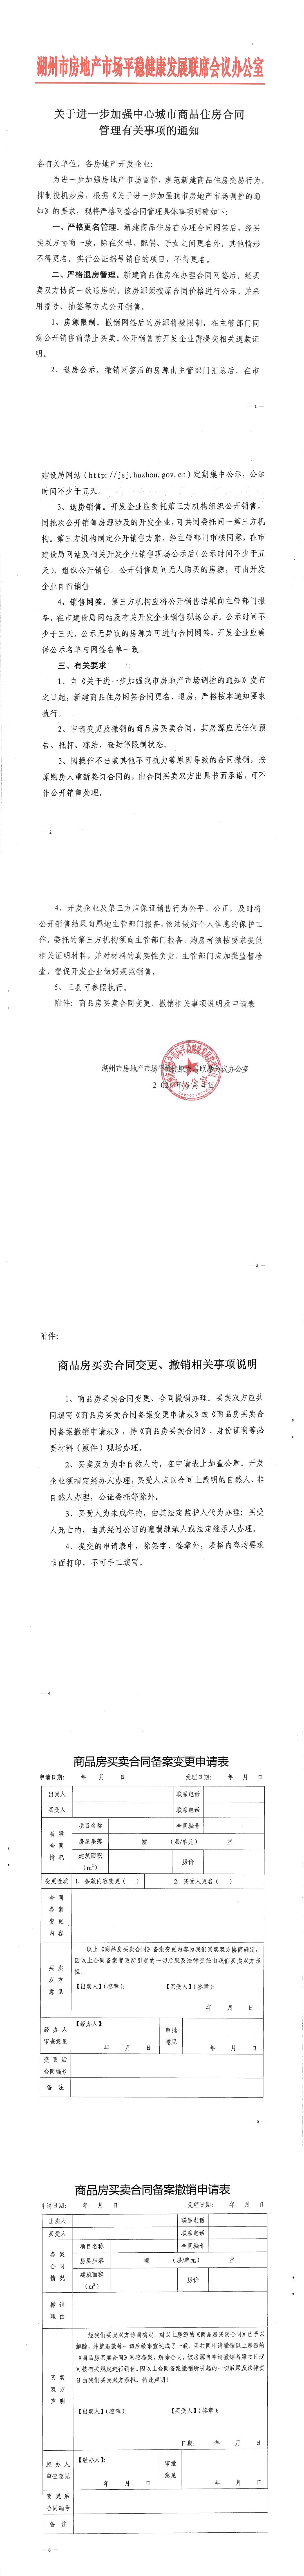 浙江湖州严控投机炒房:公证摇号销售的新建住房项目不得更名